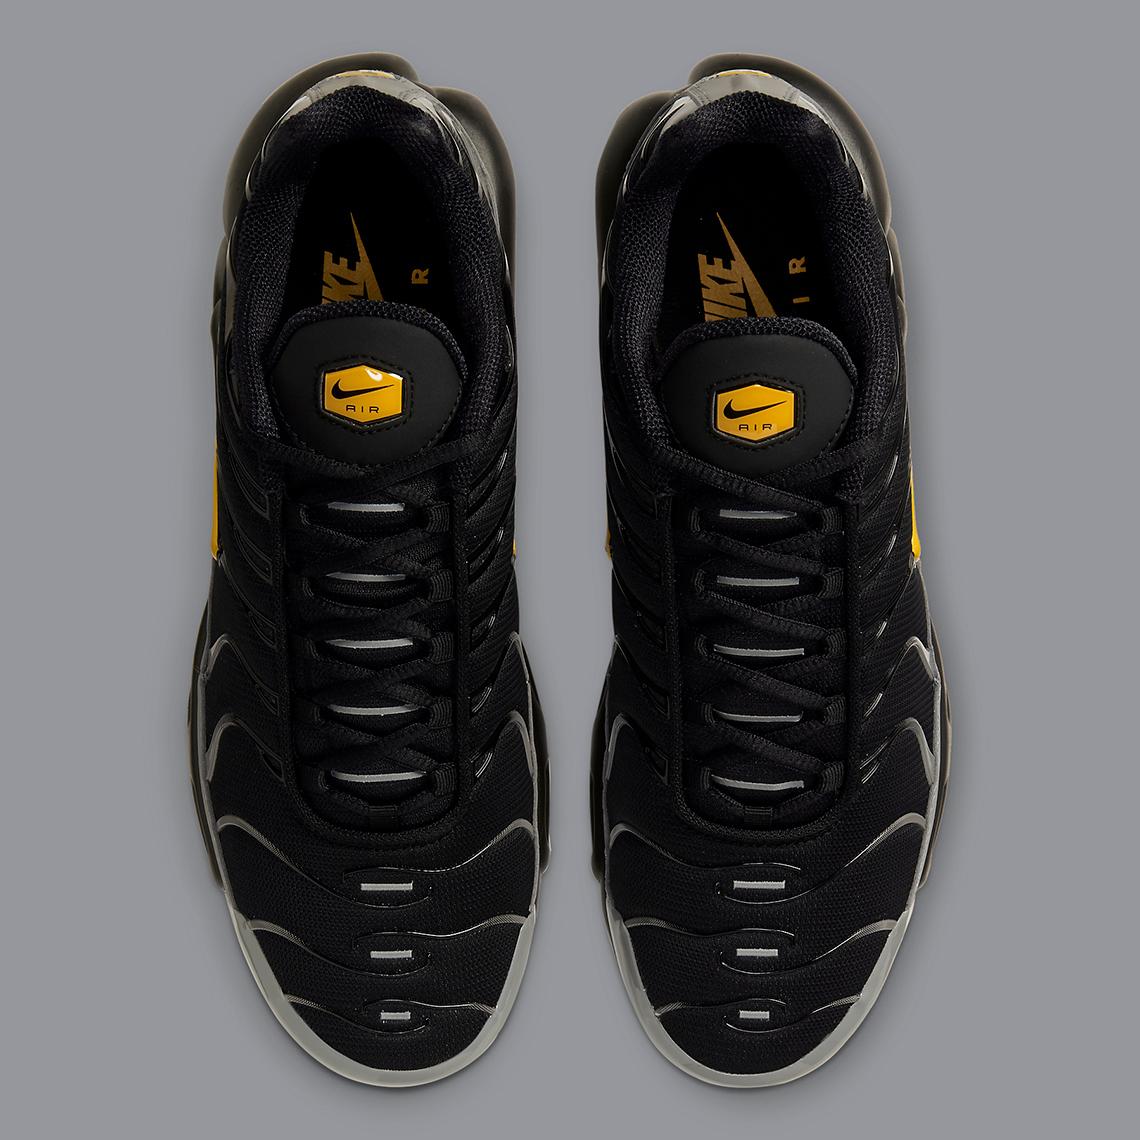 Nike Air Max Plus Batman DC0956-001